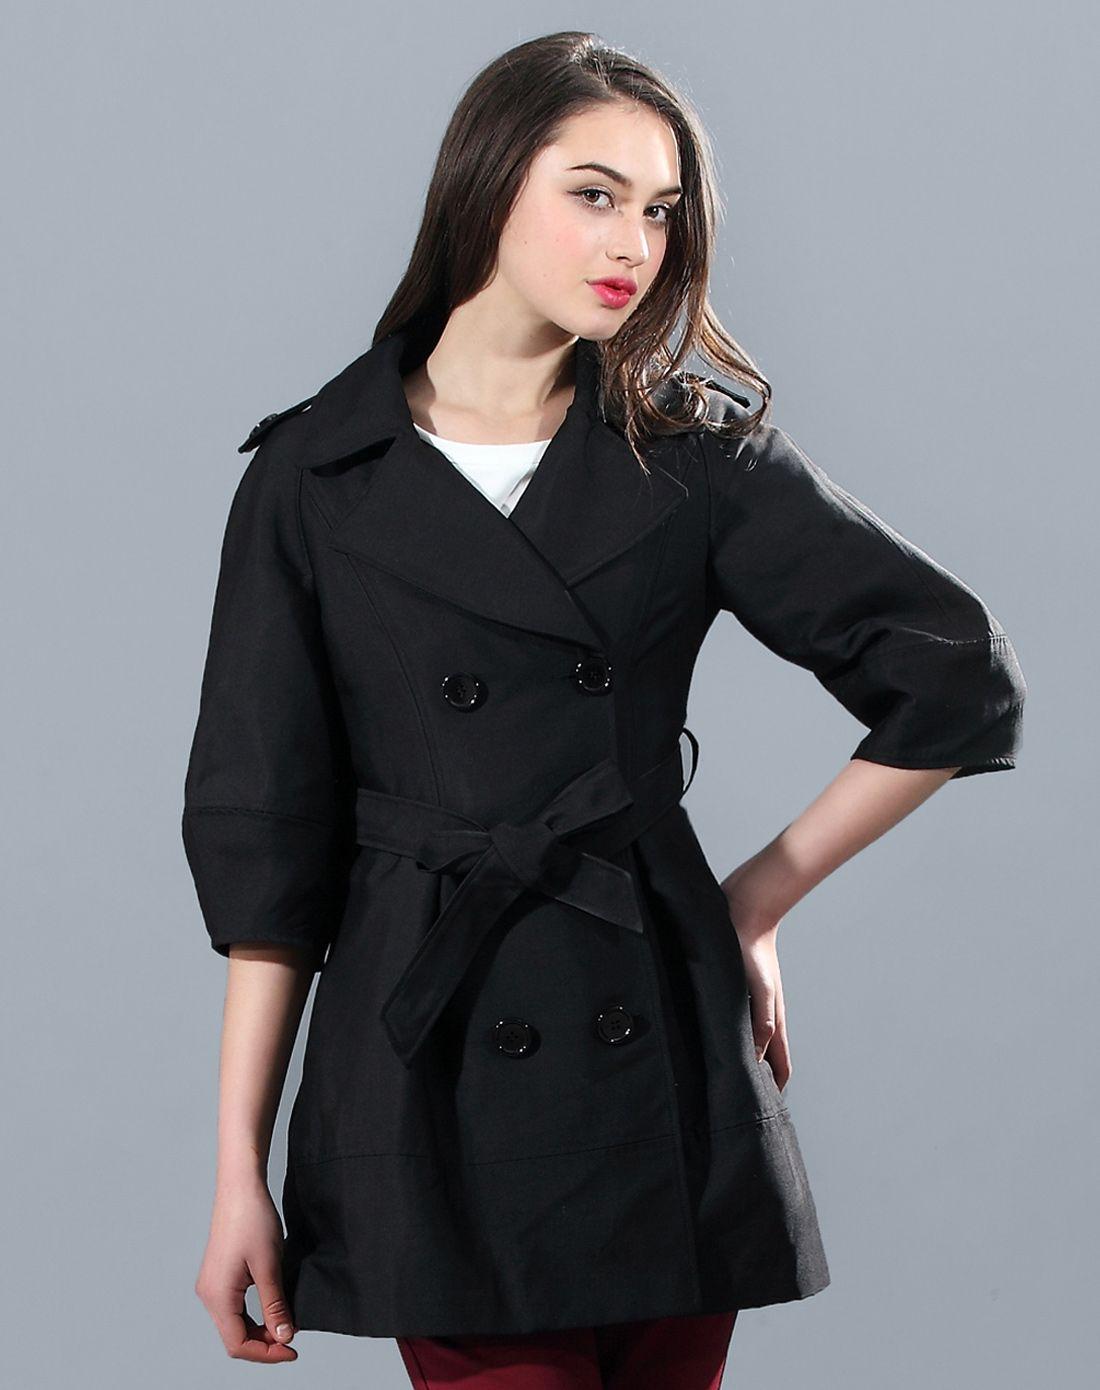 时尚淑女女士黑色风衣